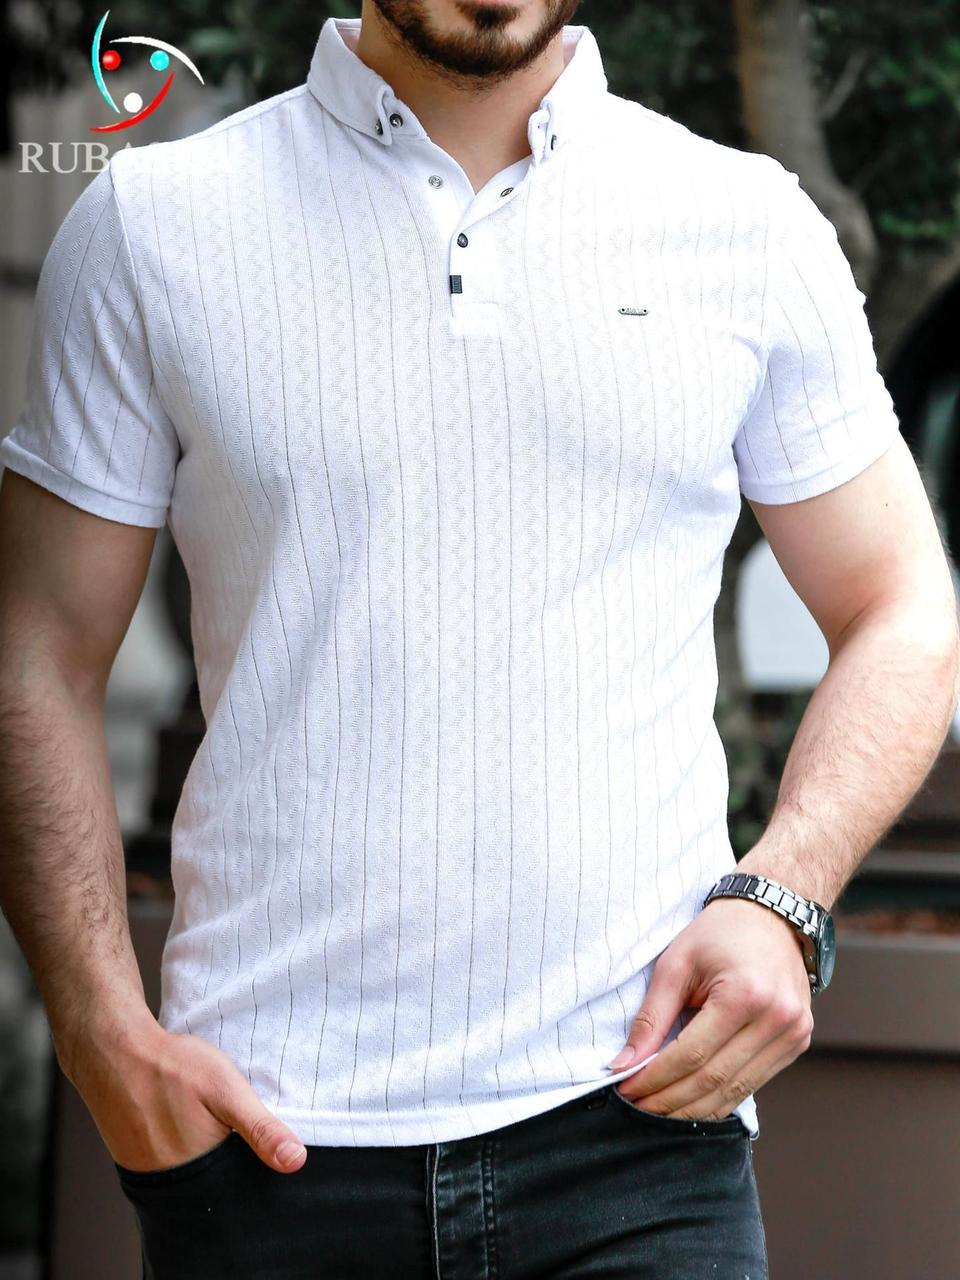 Футболка мужская Polo (Поло) Rubaska Турция